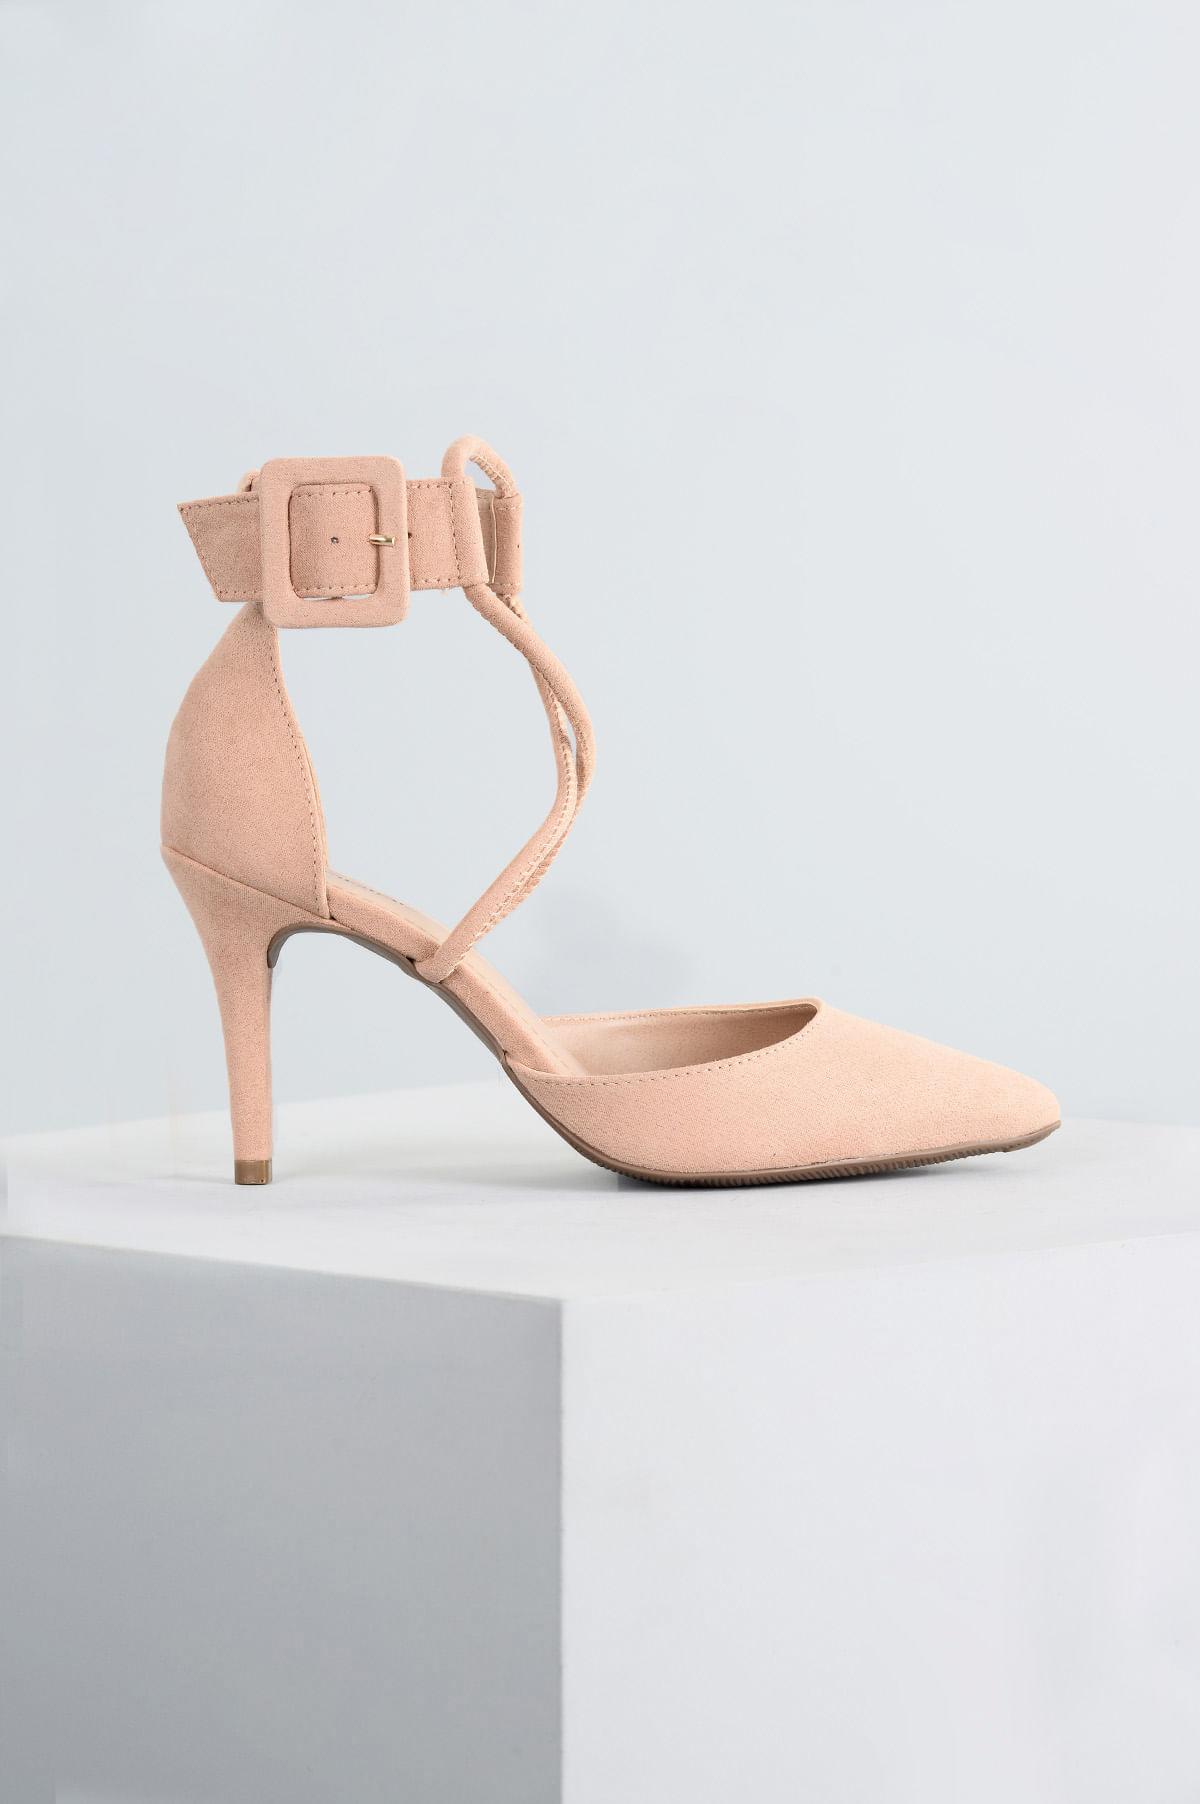 c0aaff5b03 Sapato Salto Alto Raysa Mundial CAM - BEGE - Mundial Calçados